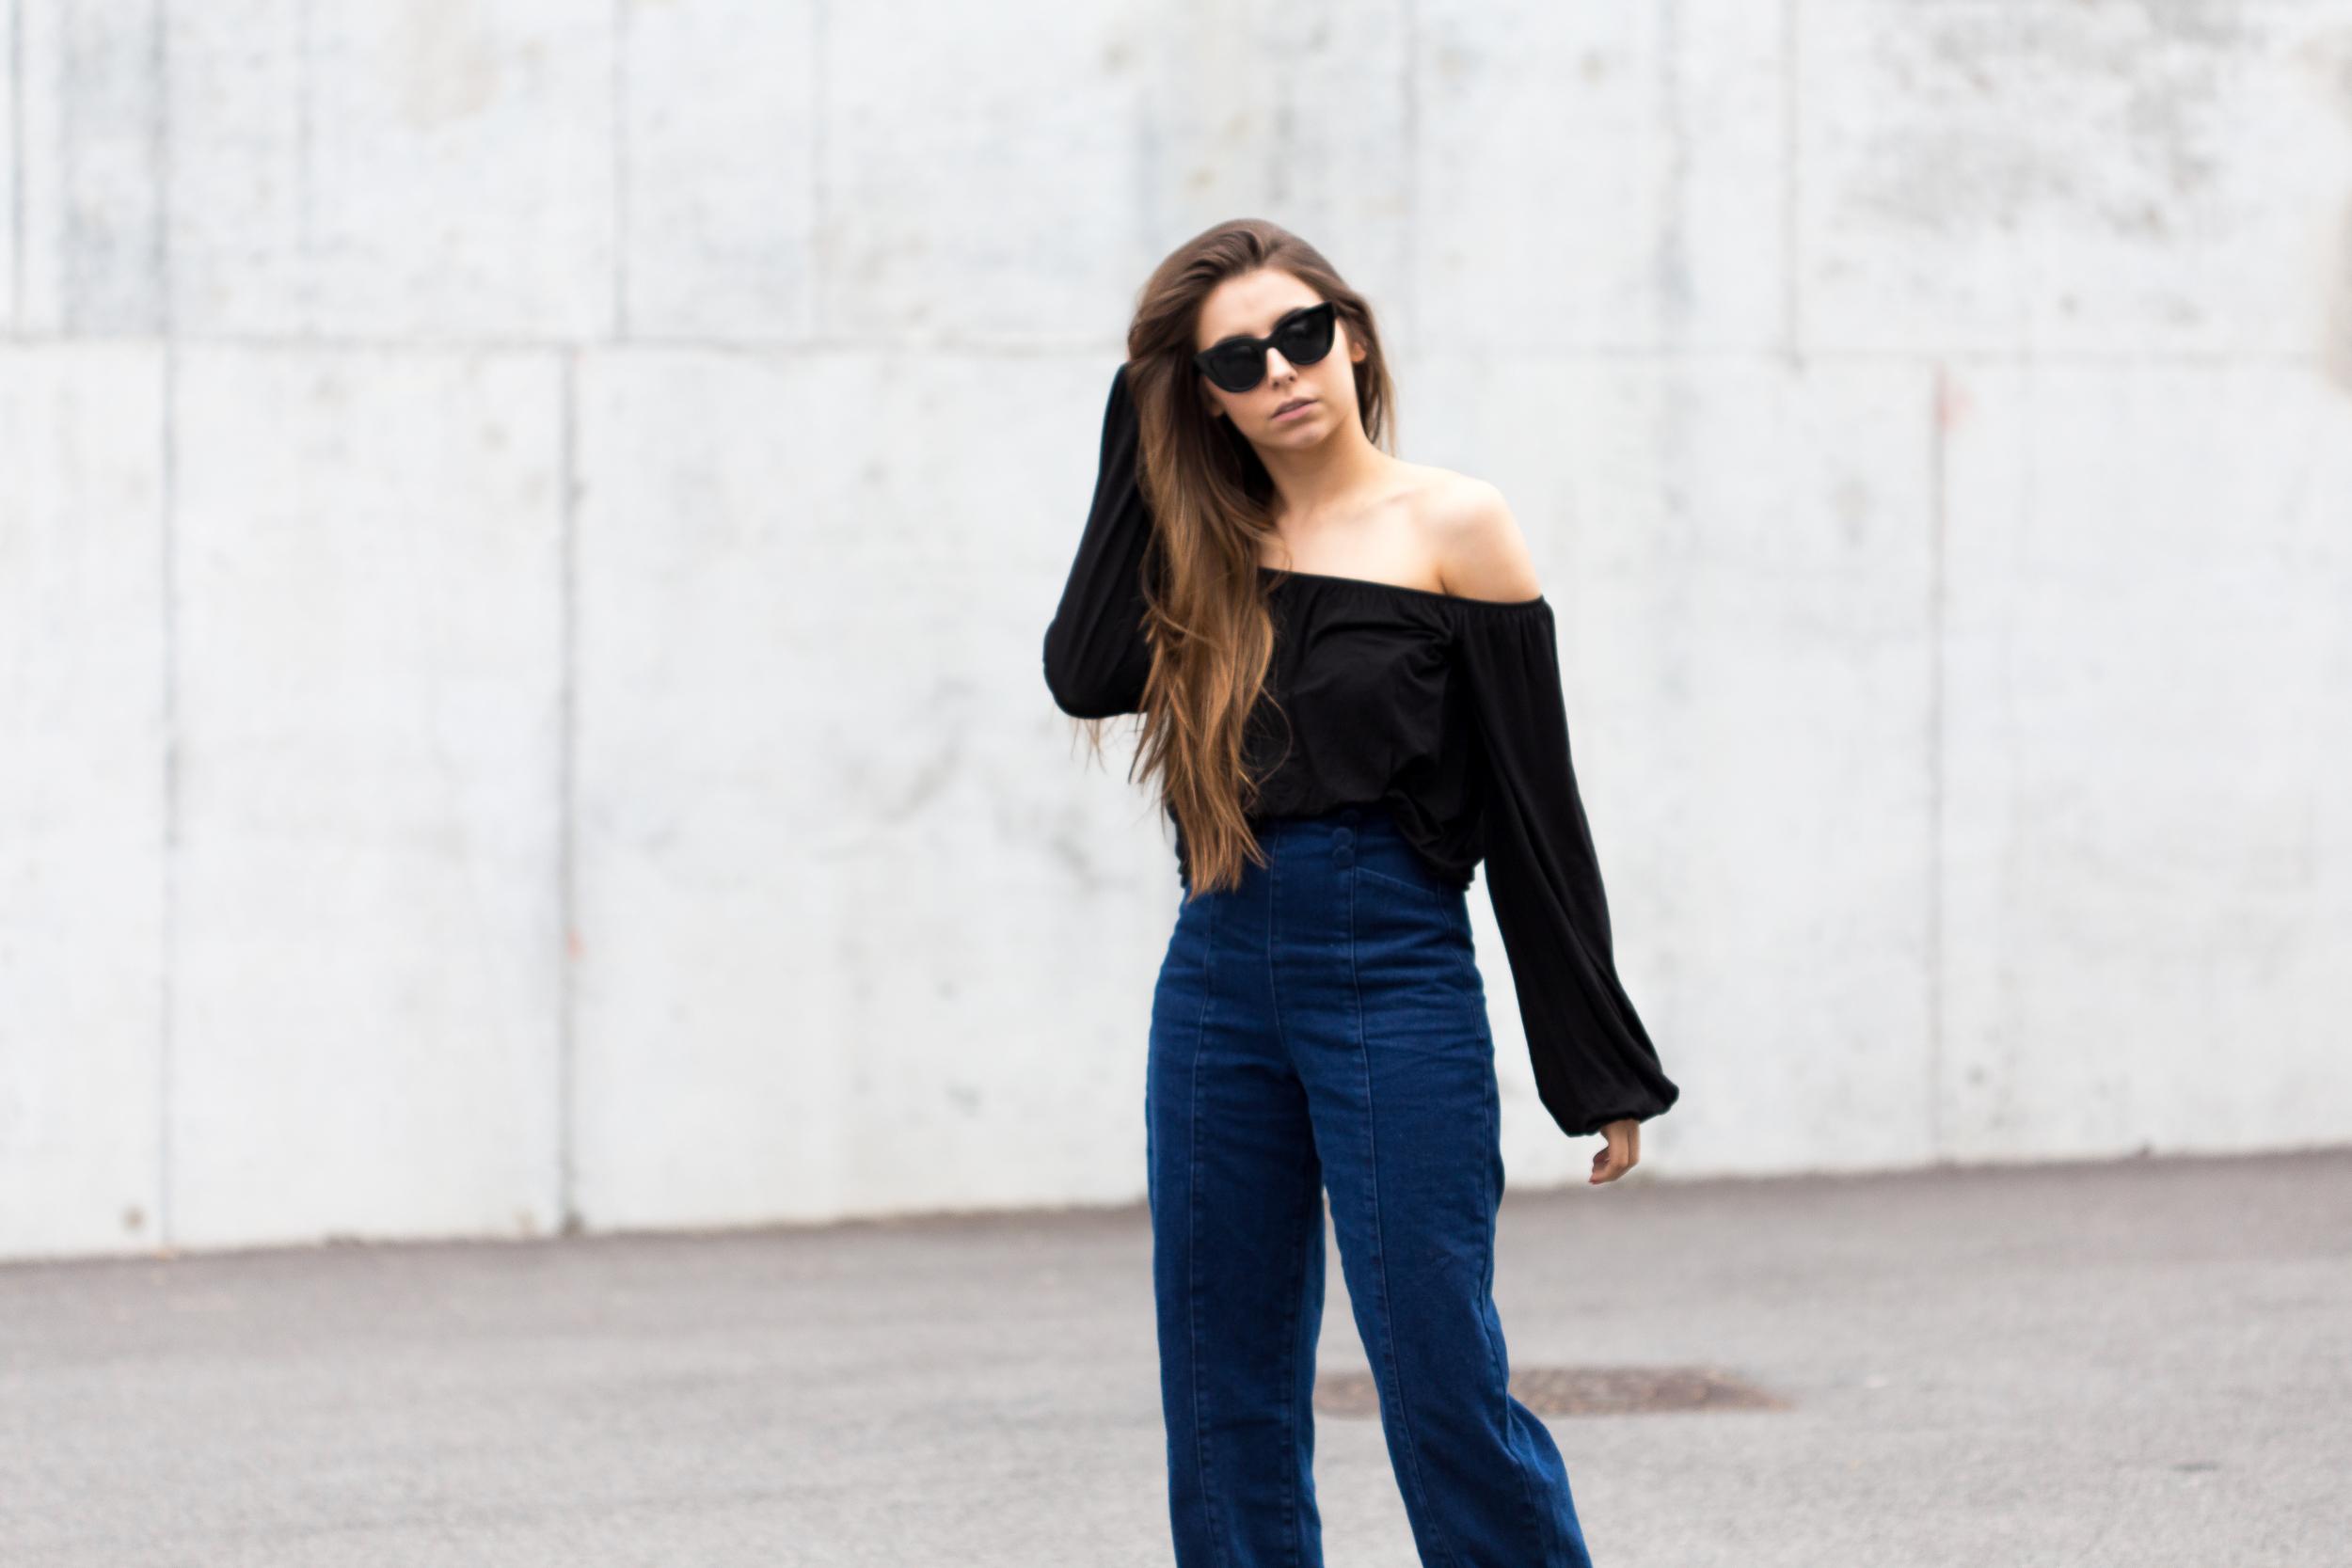 UK Fashion, Beauty & Lifestyle Blog